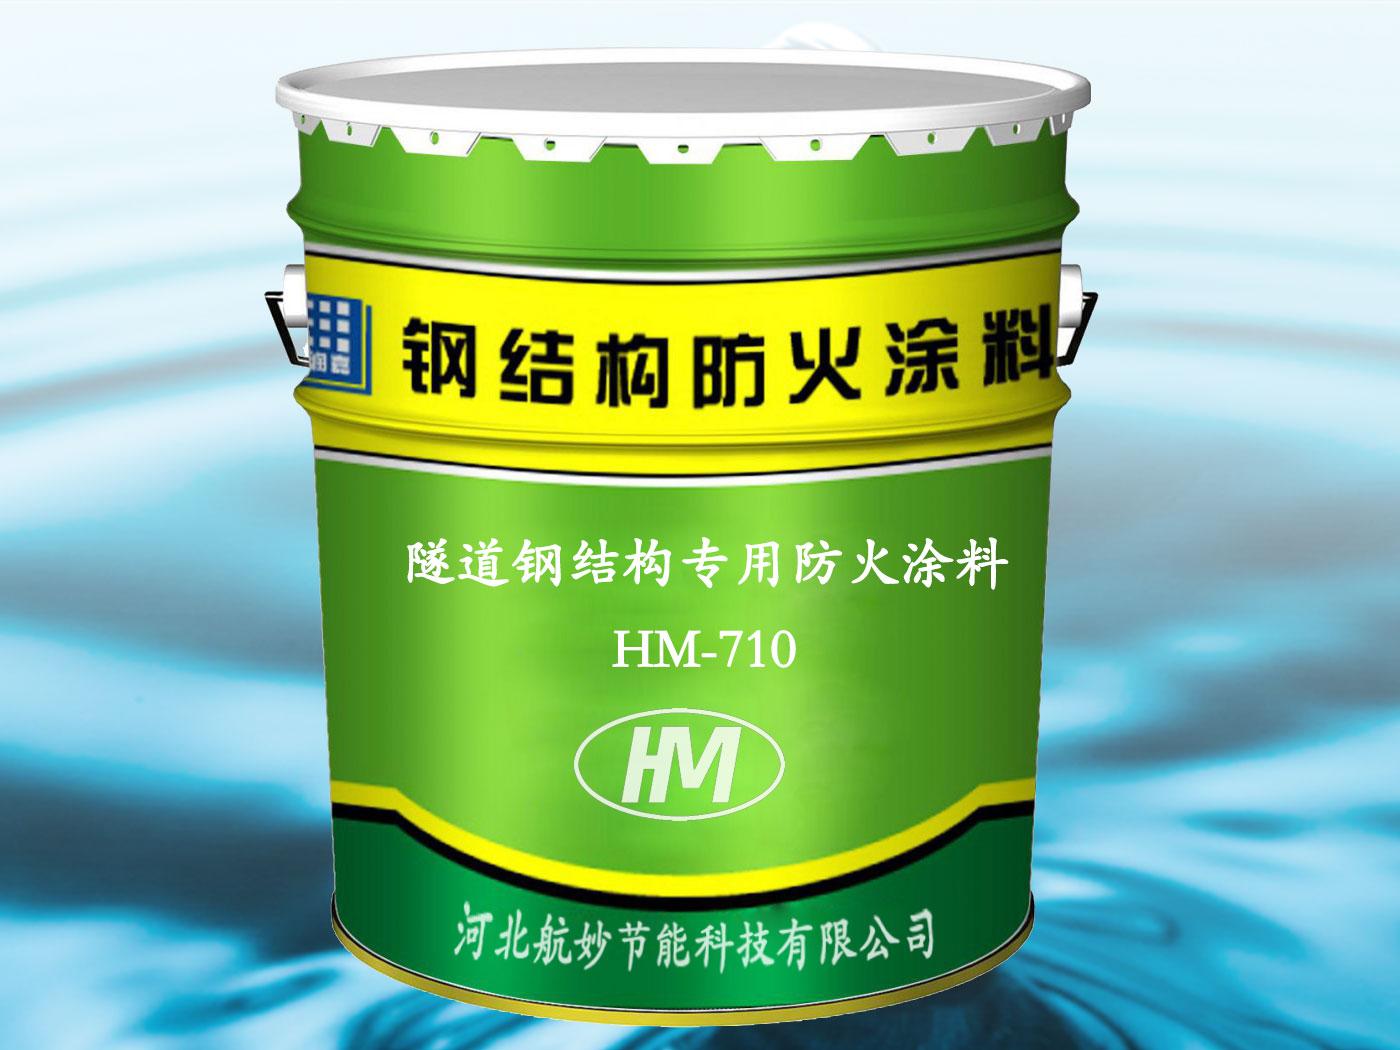 隧道钢结构专用防火涂料HM-710